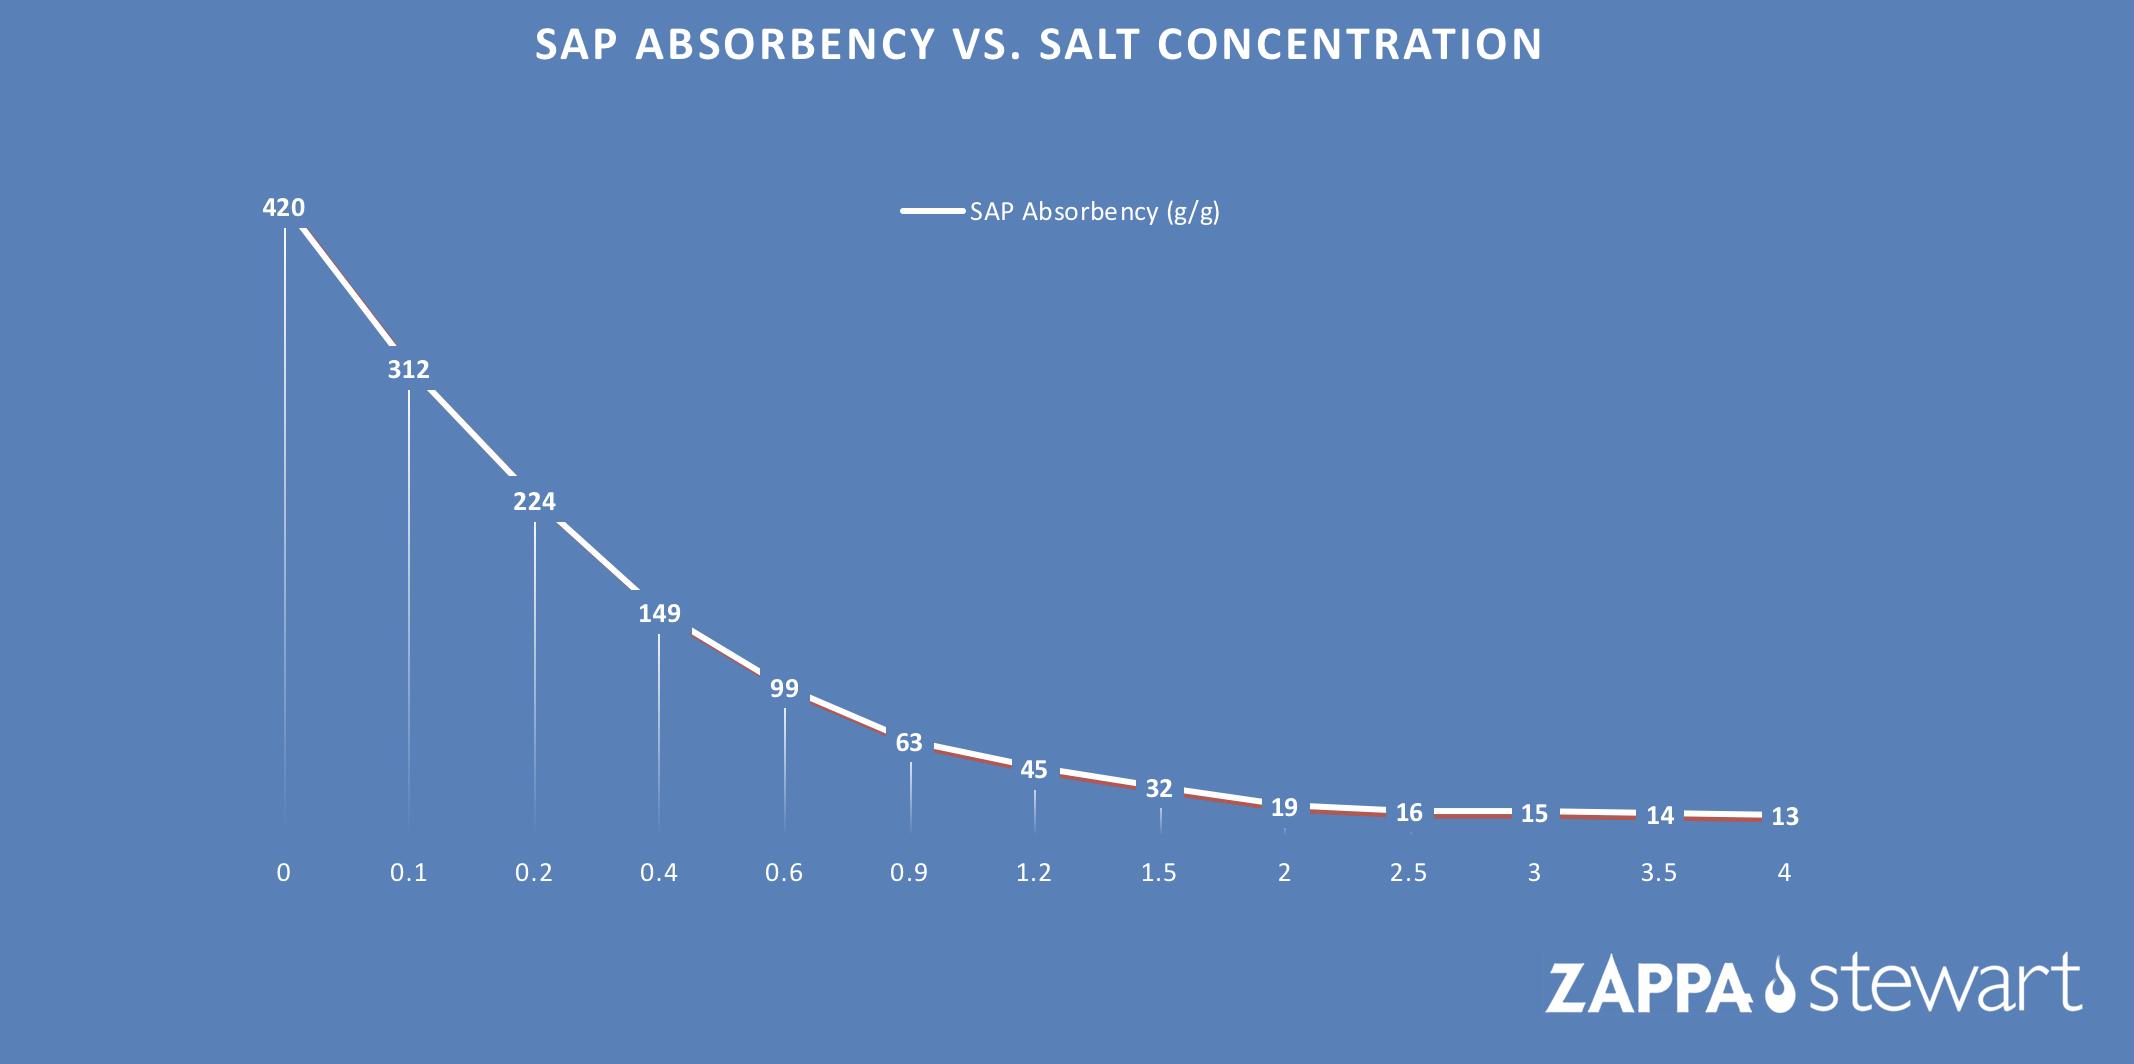 SAP Absorbency Vs. Salt Concentration